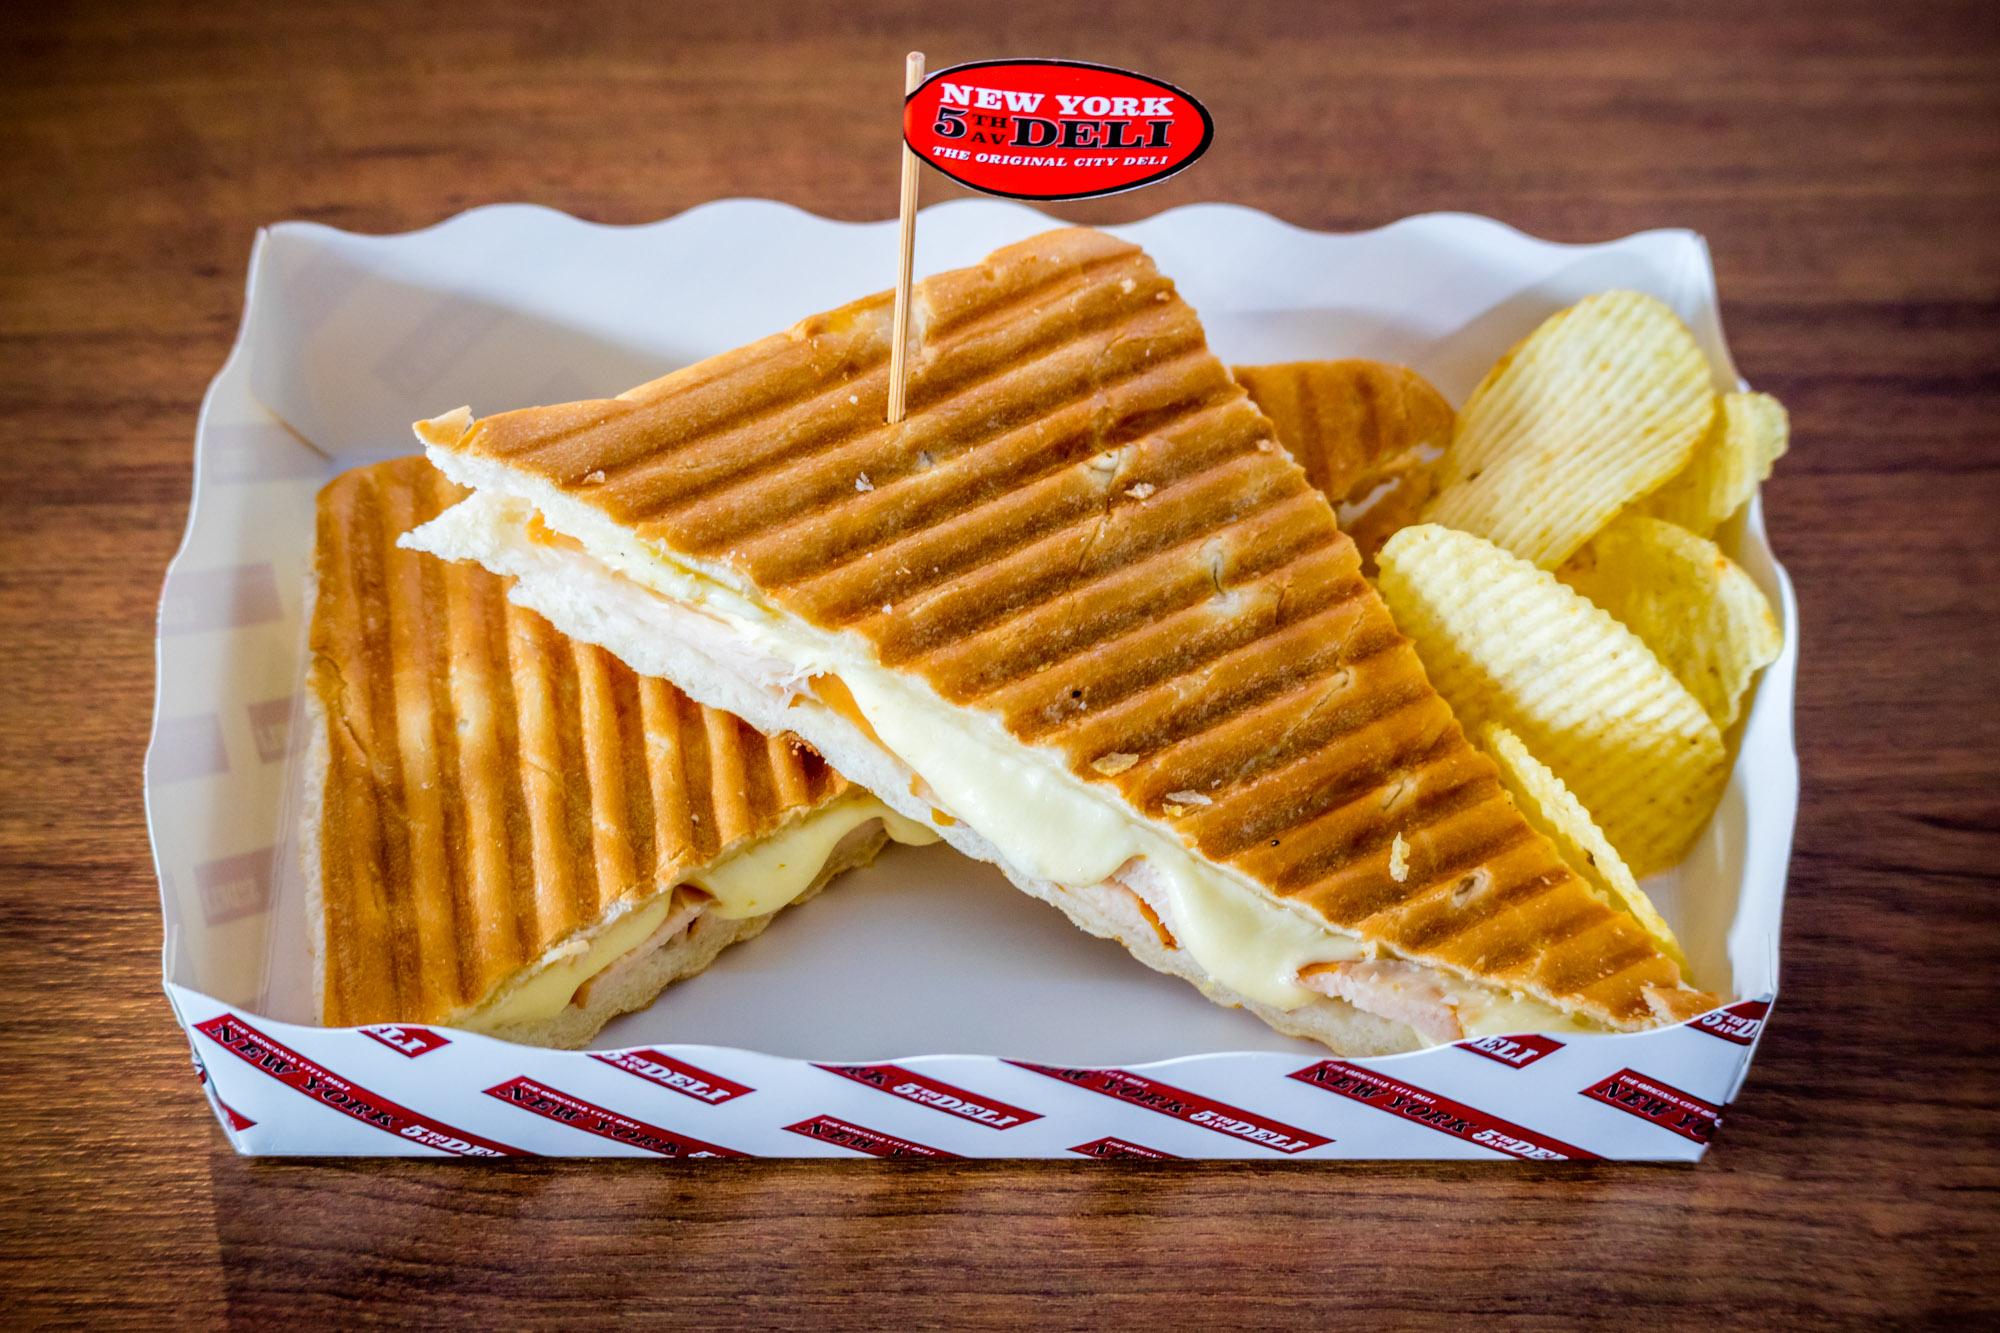 Chicken and Mozzarella Panini  ร้านอาหารแนะนำ ในอาคารผู้โดยสารขาออกระหว่างประเทศ ท่าอากาศยานภูเก็ต IMG 8282